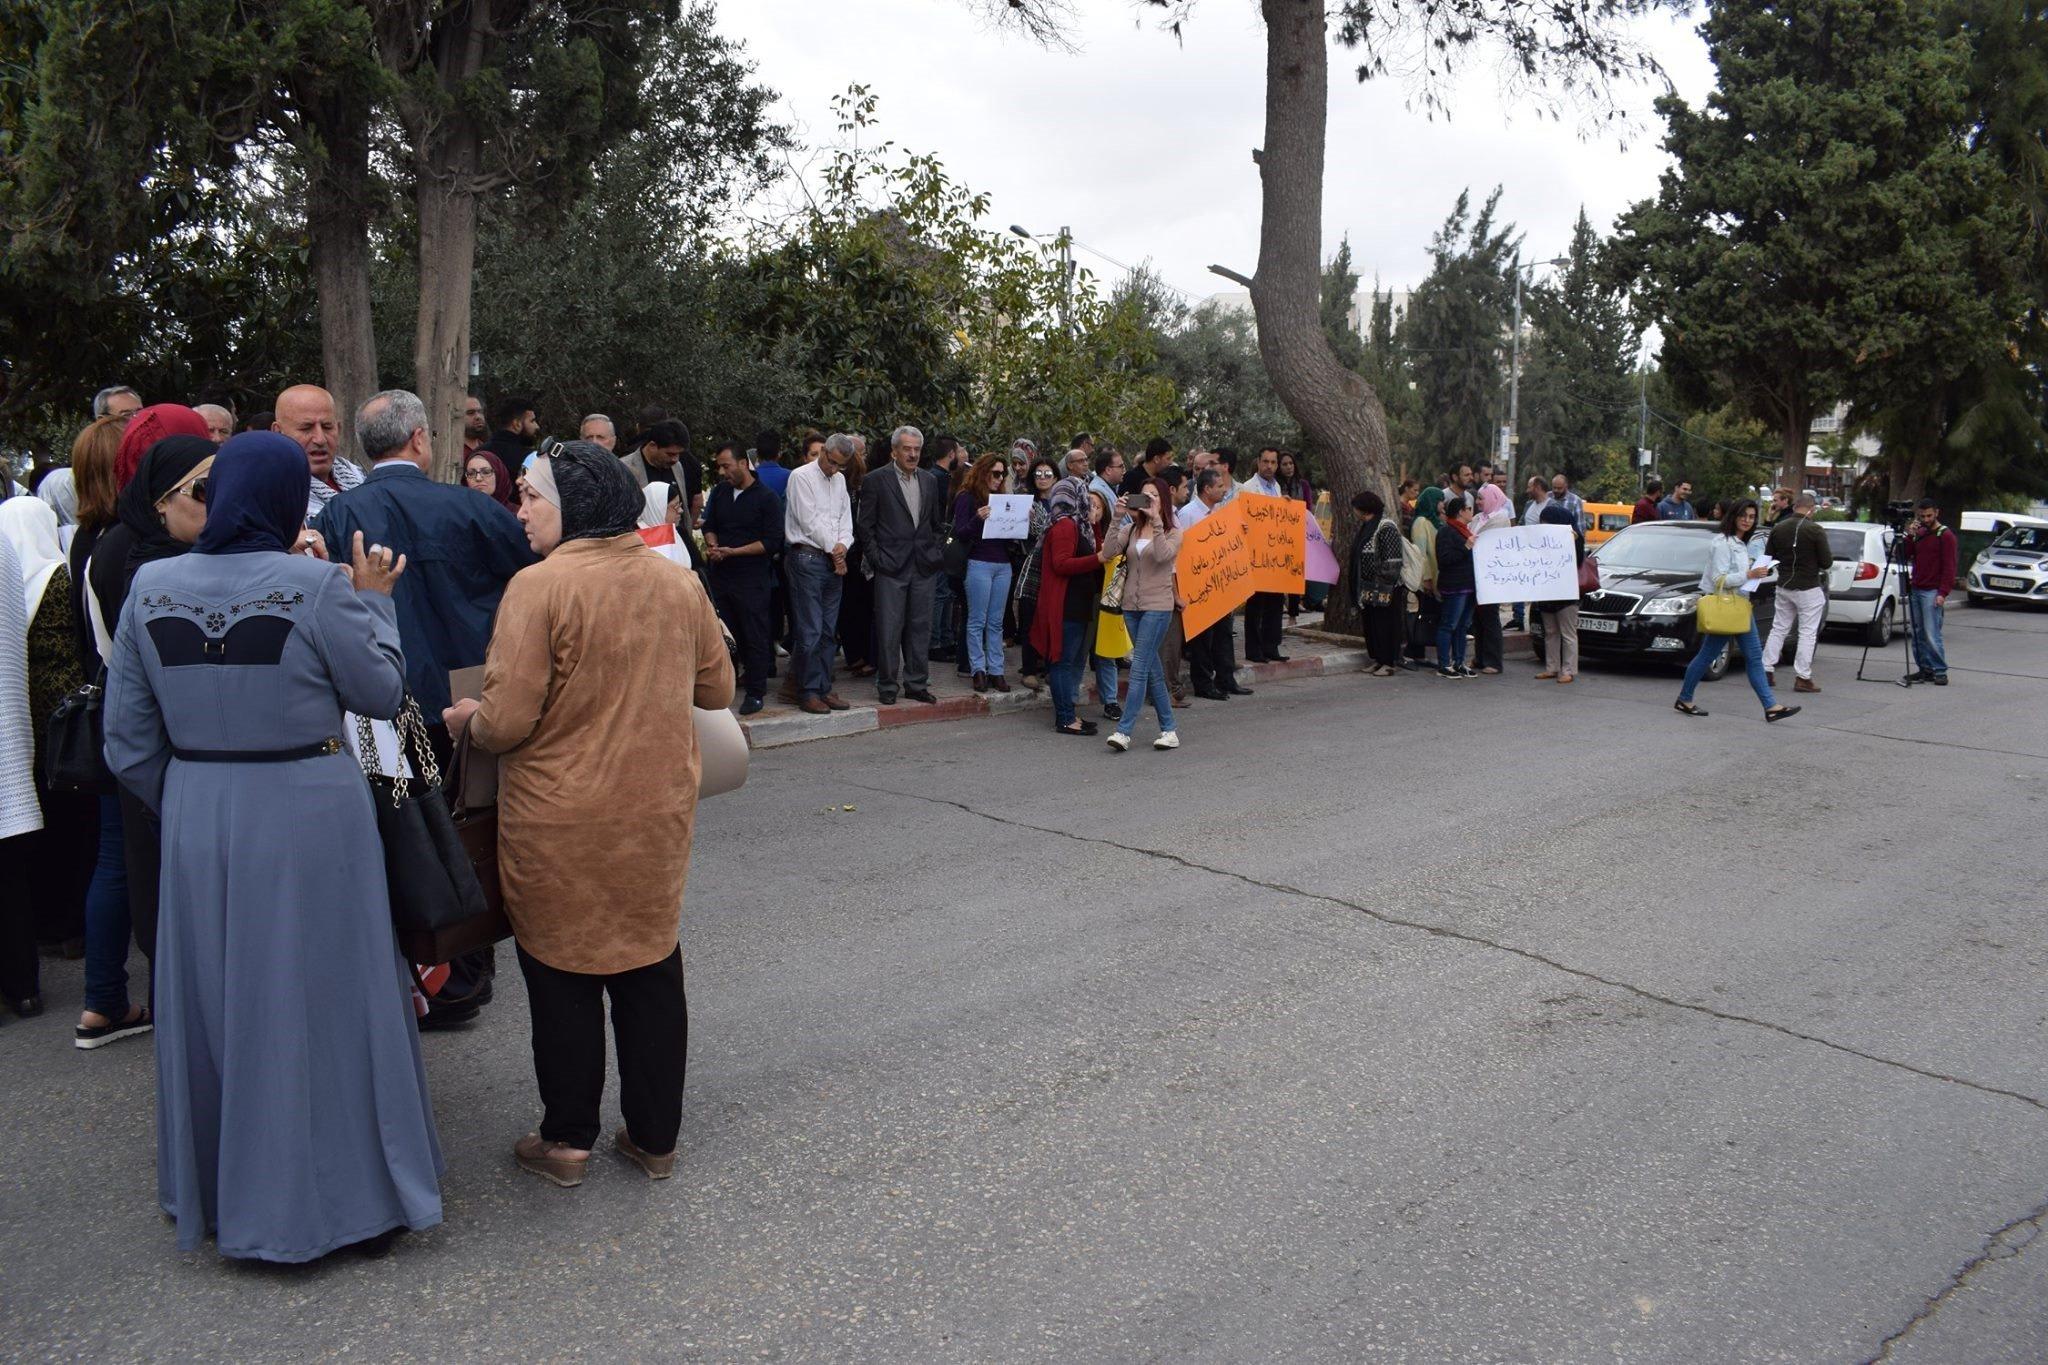 مظاهرة برام الله تطالب بإلغاء قانون الجرائم الالكترونية